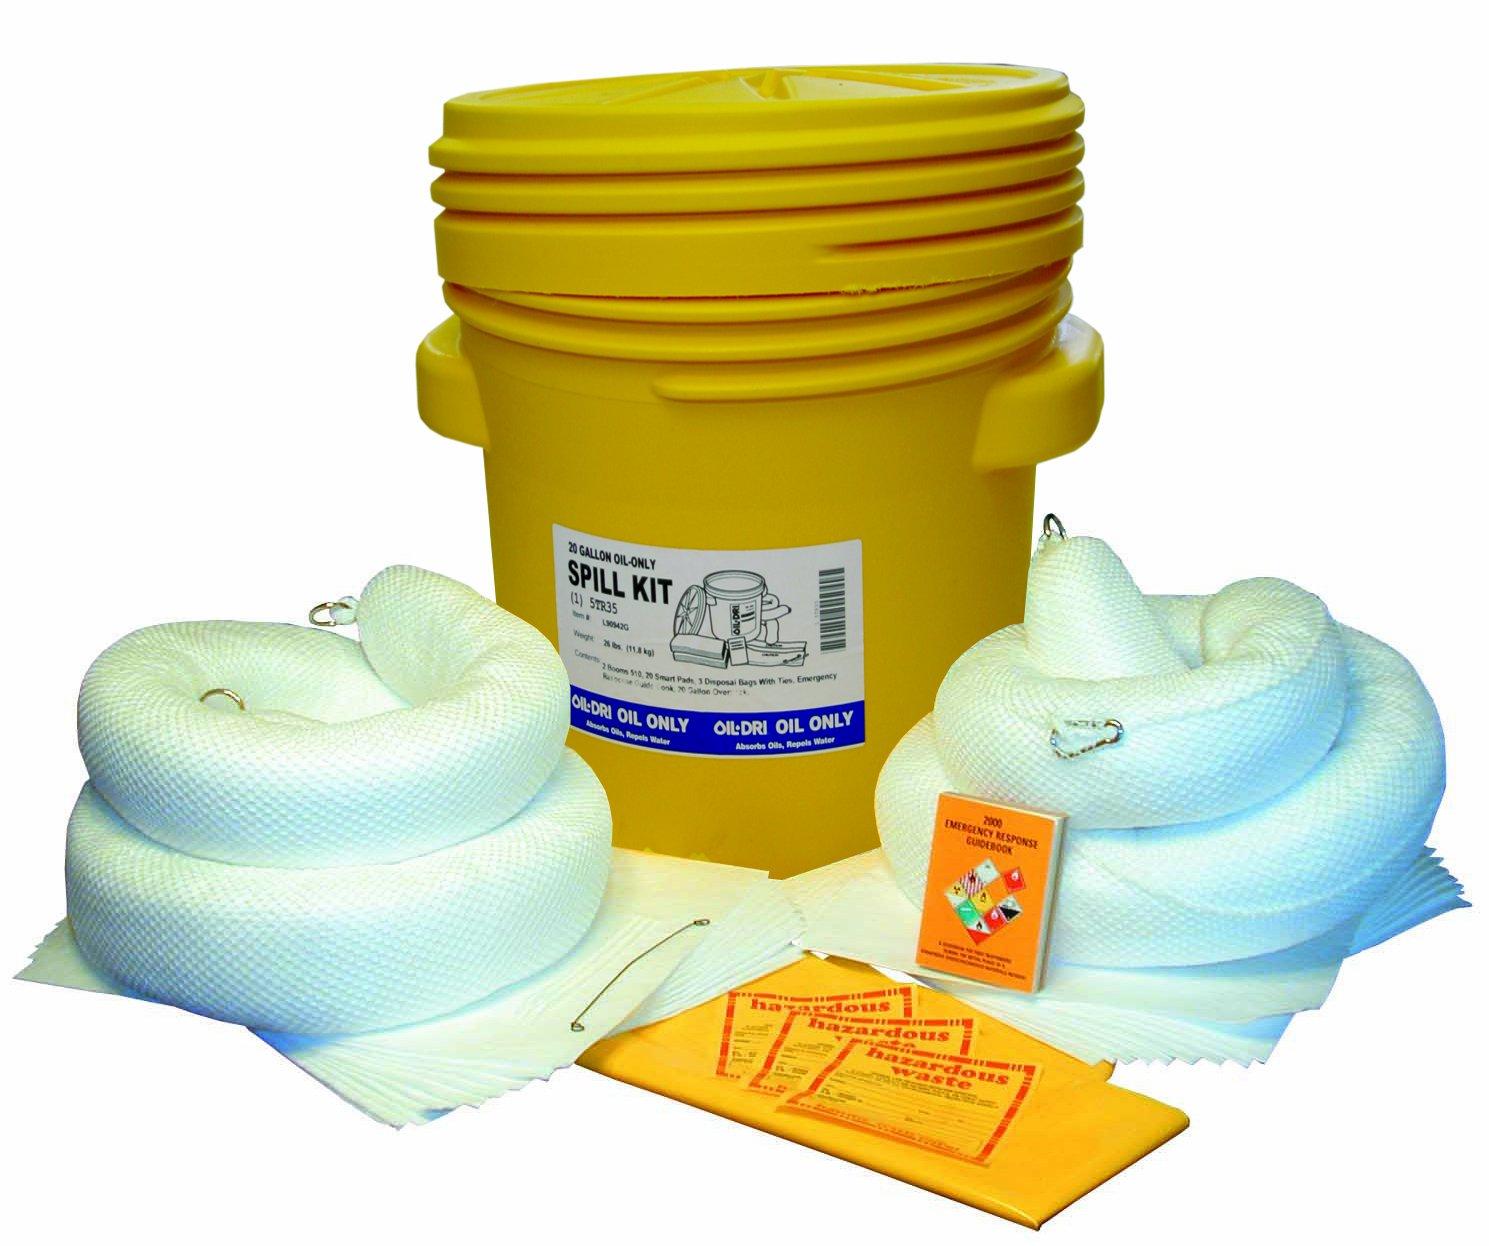 Oil-Dri L90943 95 gallon Oil-Only Spill Kit